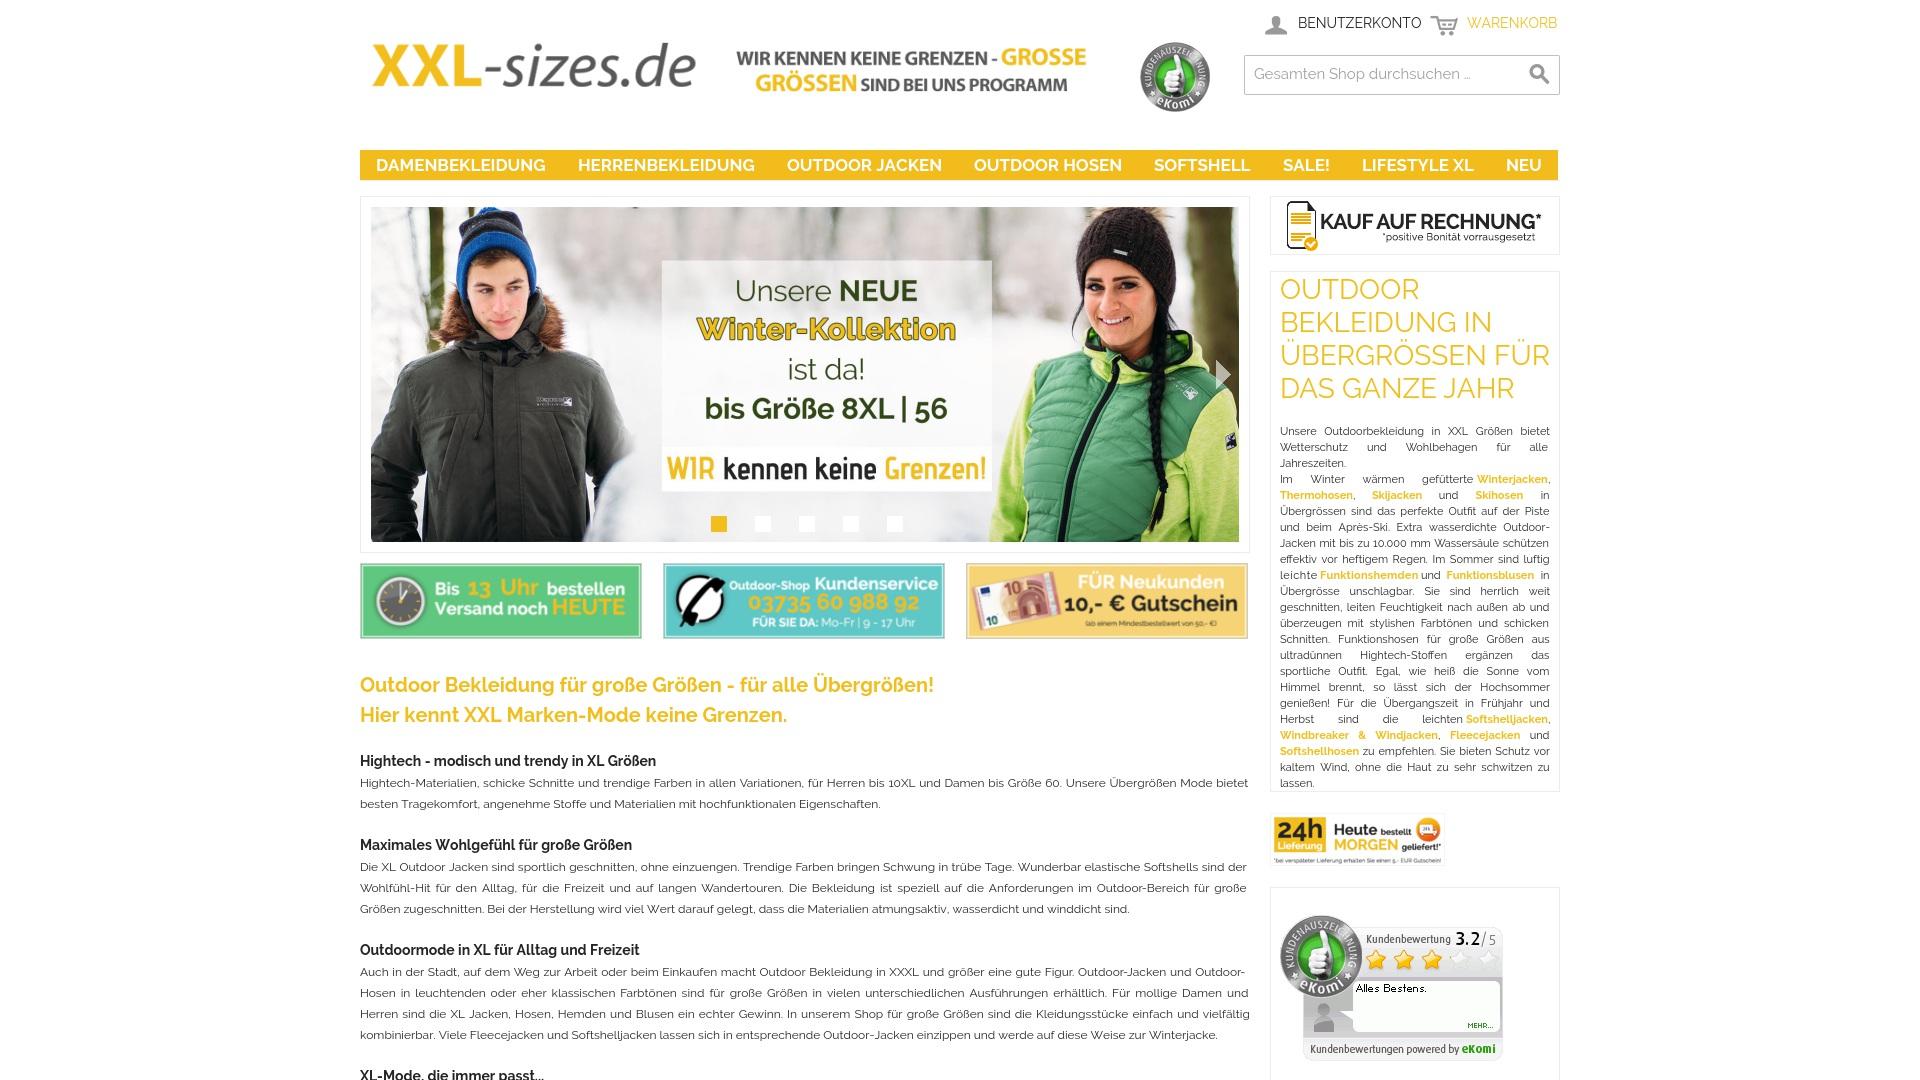 Gutschein für Xxl-sizes: Rabatte für  Xxl-sizes sichern